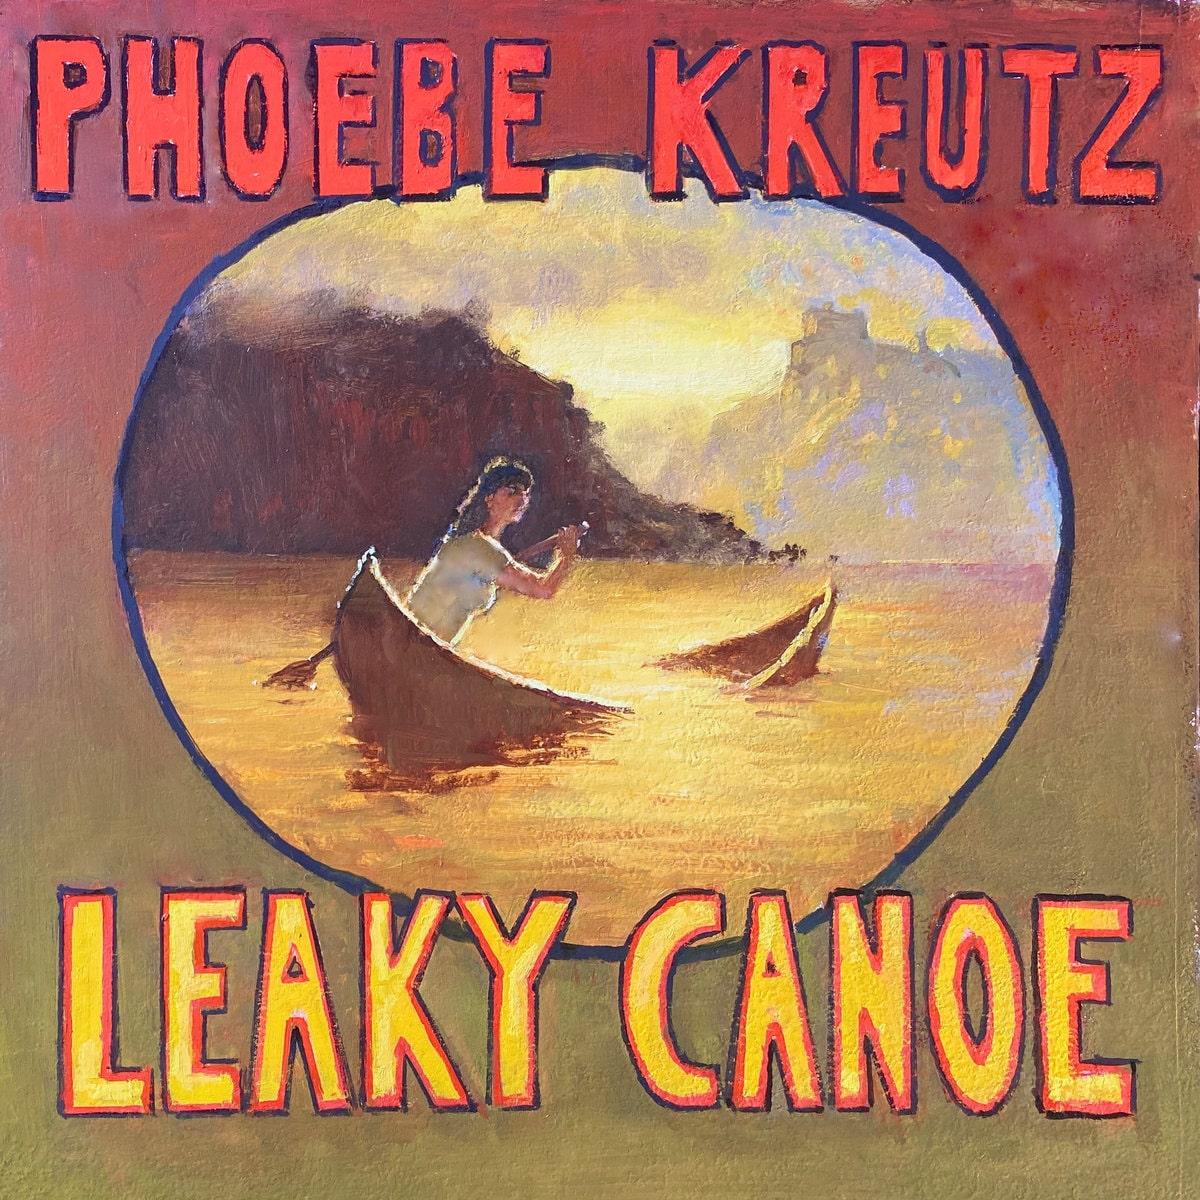 """Phoebe Kreutz """"Leaky Canoe"""" Cover Art"""